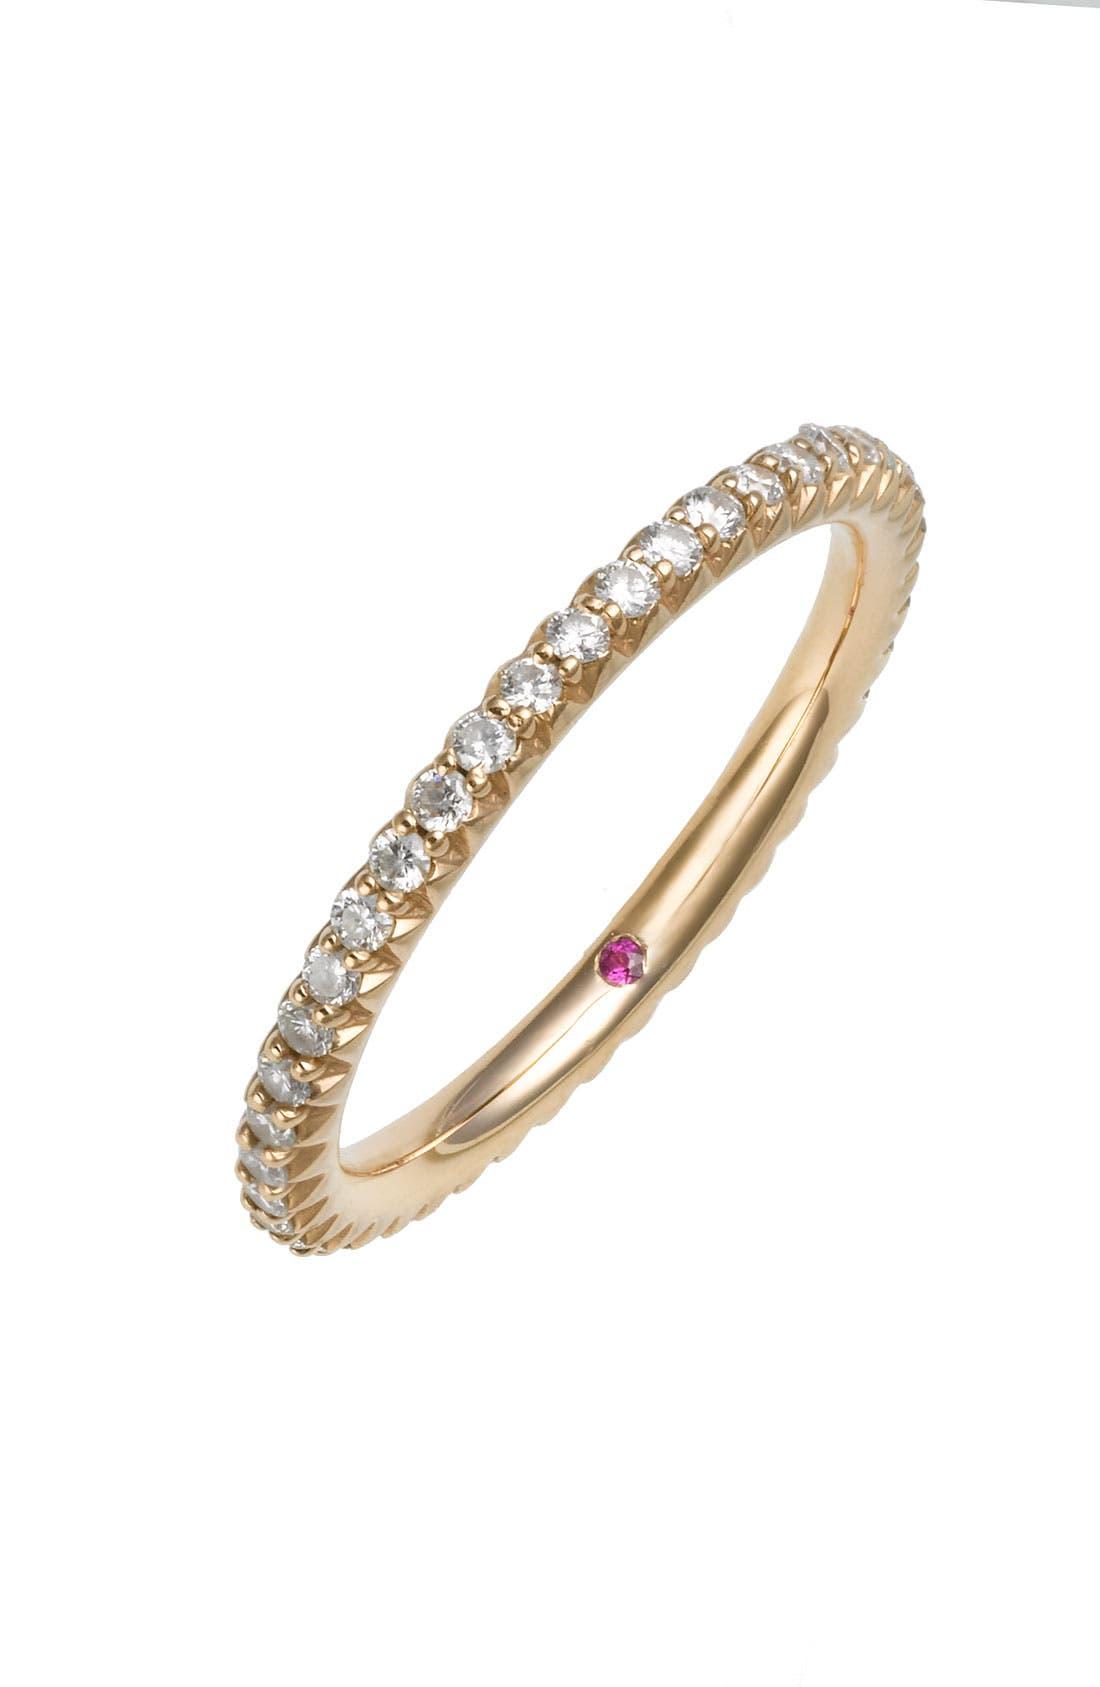 Main Image - Roberto Coin 'Micropavé' Diamond Stackable Ring